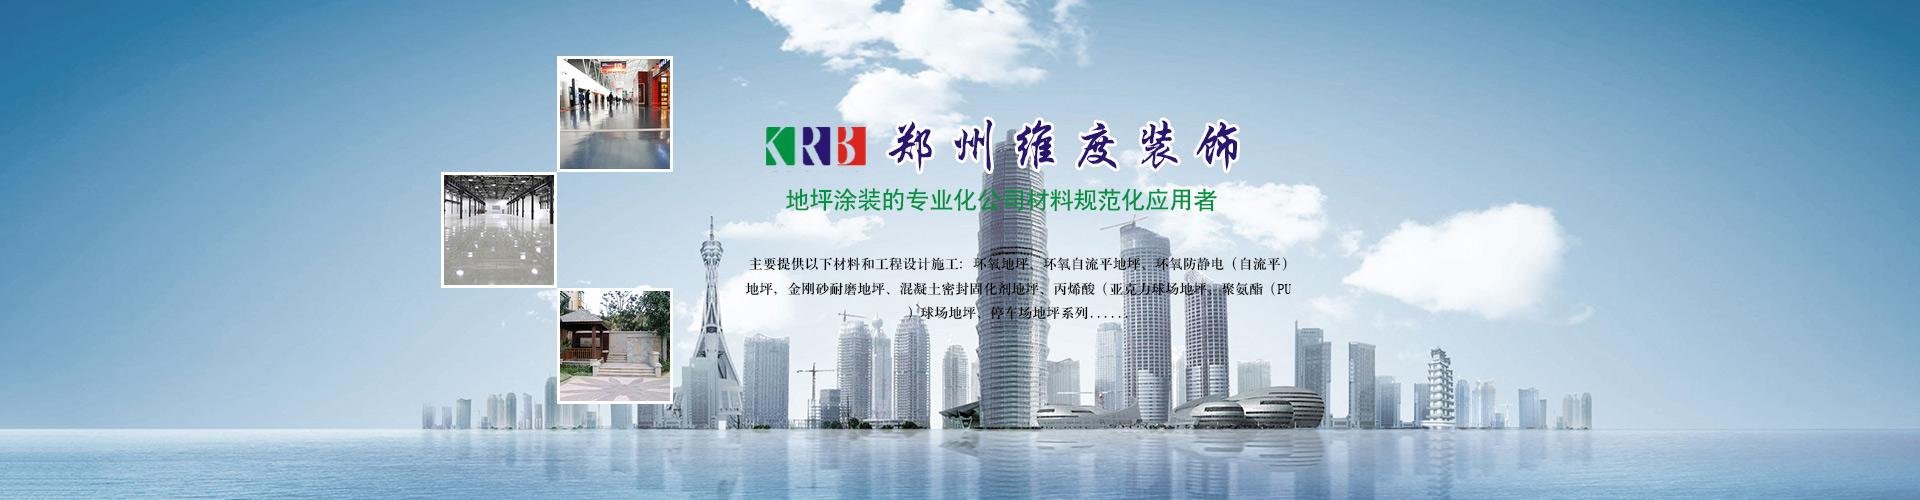 鄭州維度裝飾工程有限公司